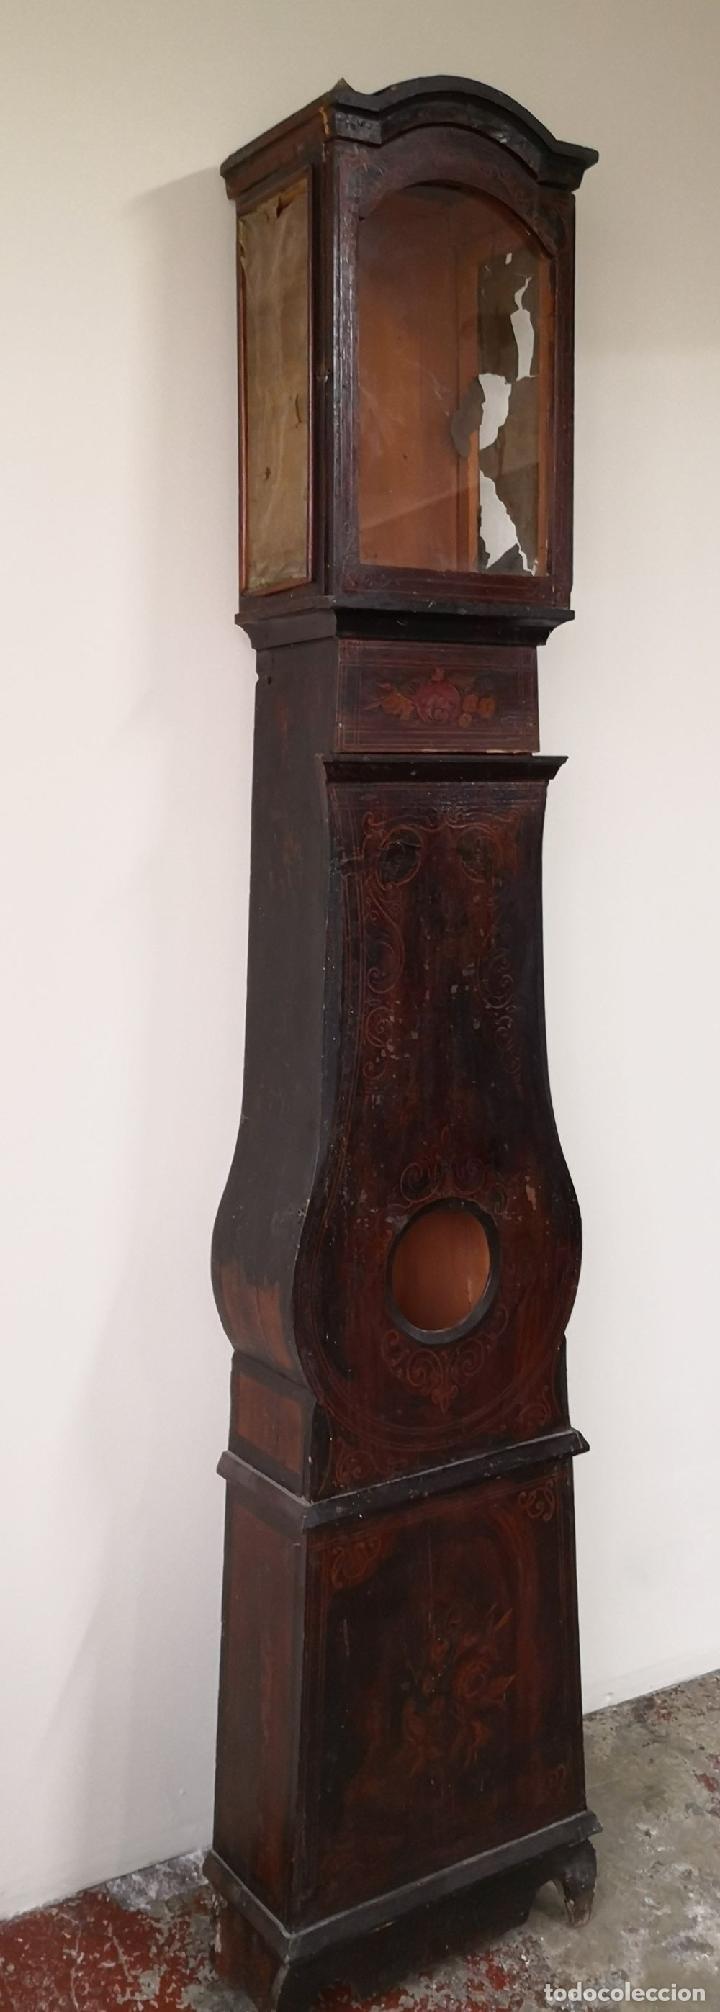 Relojes de pie: ESTRUCTURA DE RELOJ DE PIE. MADERA POLICROMADA. ESPAÑA. SIGLO XIX. - Foto 5 - 197312920